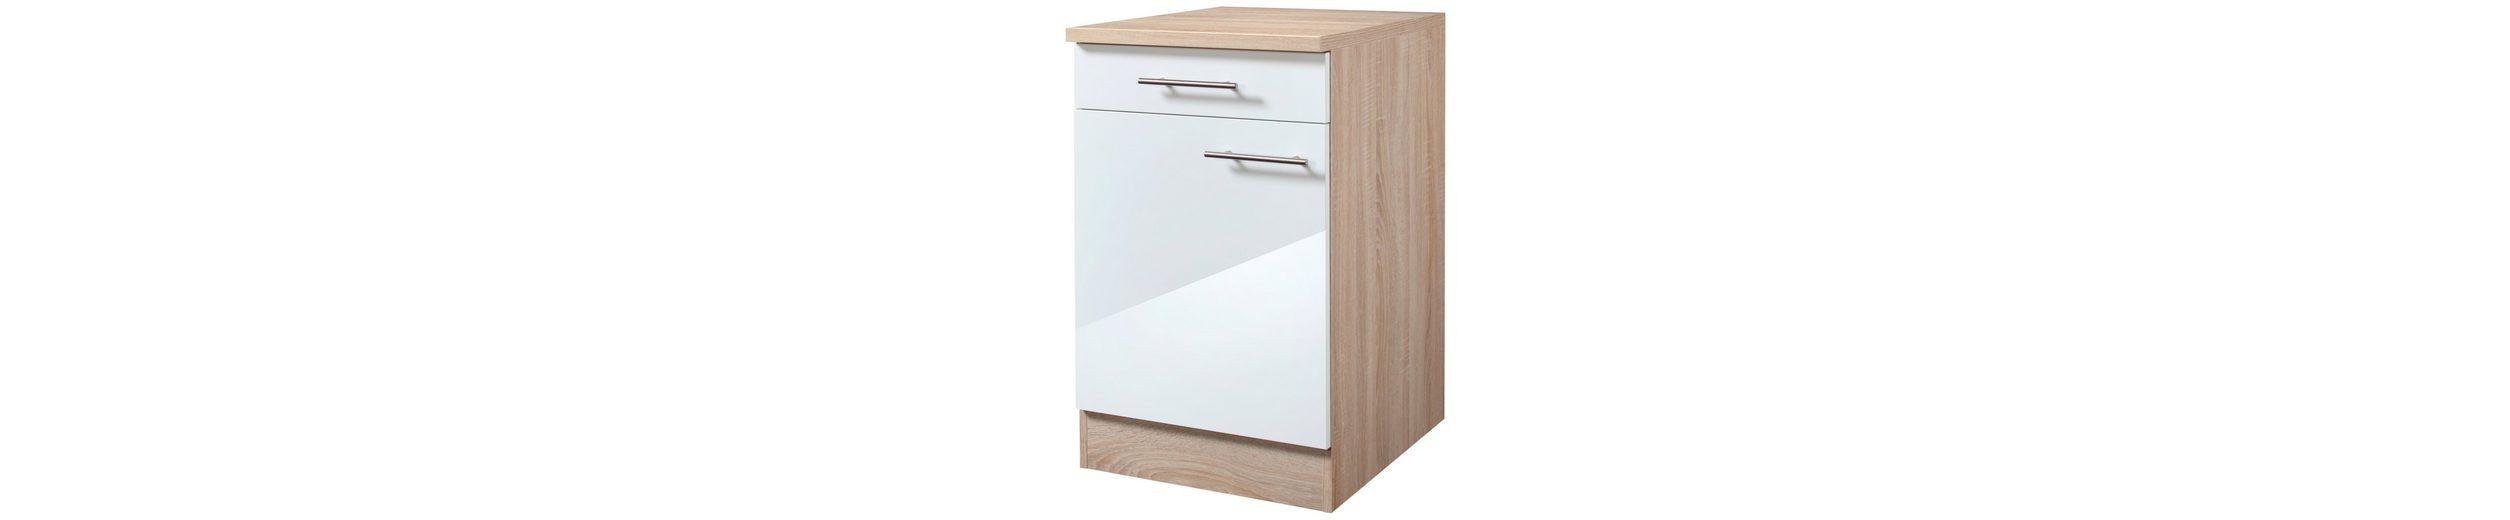 Küchenunterschrank »Dakar«, Breite 50 cm